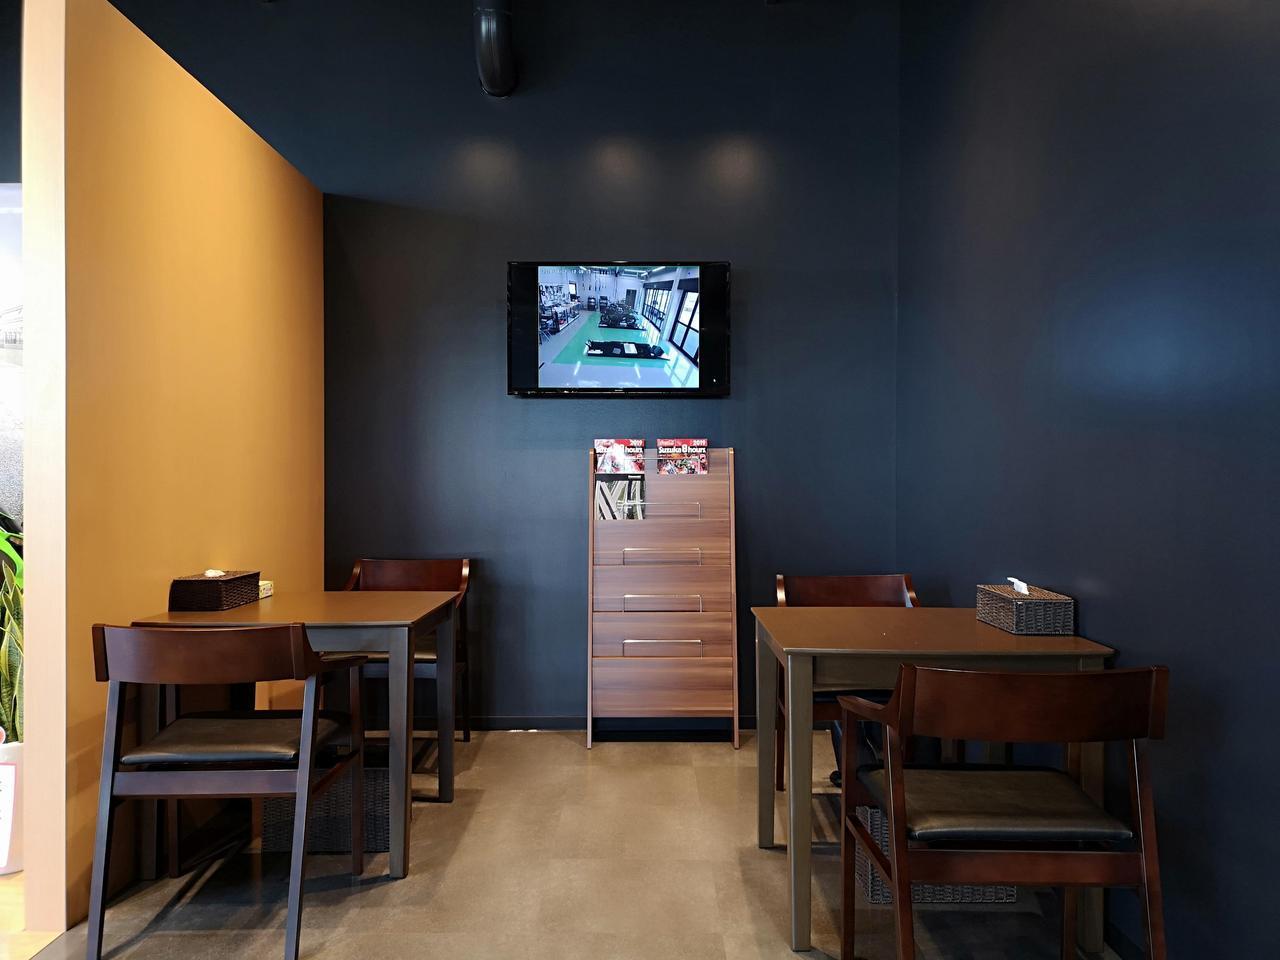 画像: アンティークカフェを思わせる、落ち着いた休憩スペースもあるので気軽に立ち寄りたいですね!